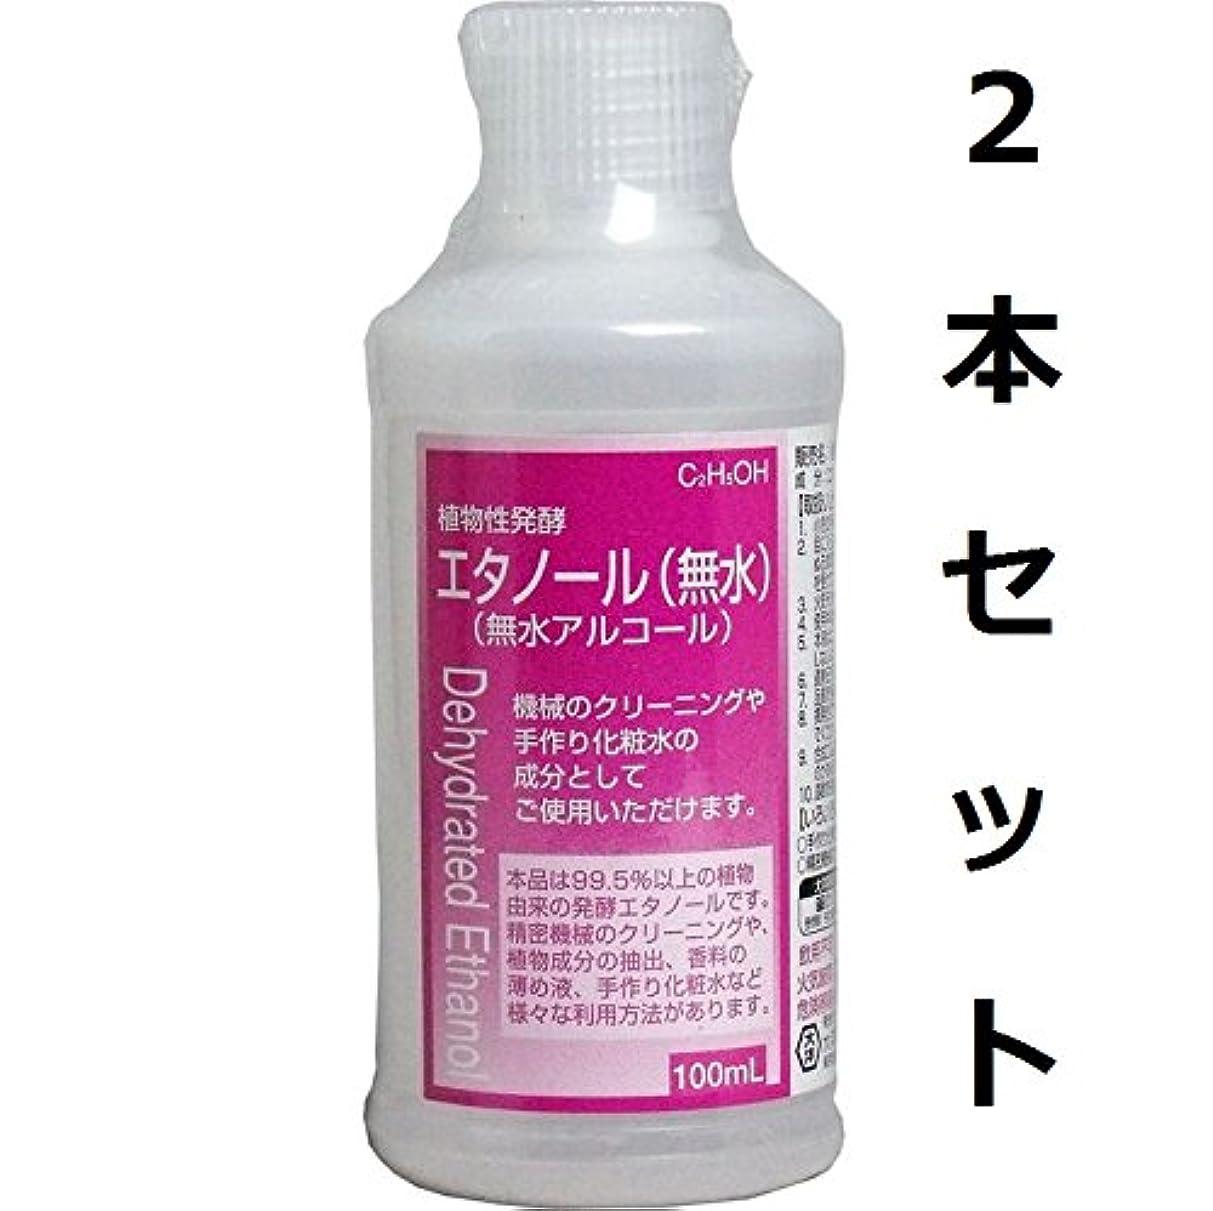 コンドーム収容する難民精密機械のクリーニングに 植物性発酵エタノール(無水エタノール) 100mL 2本セット